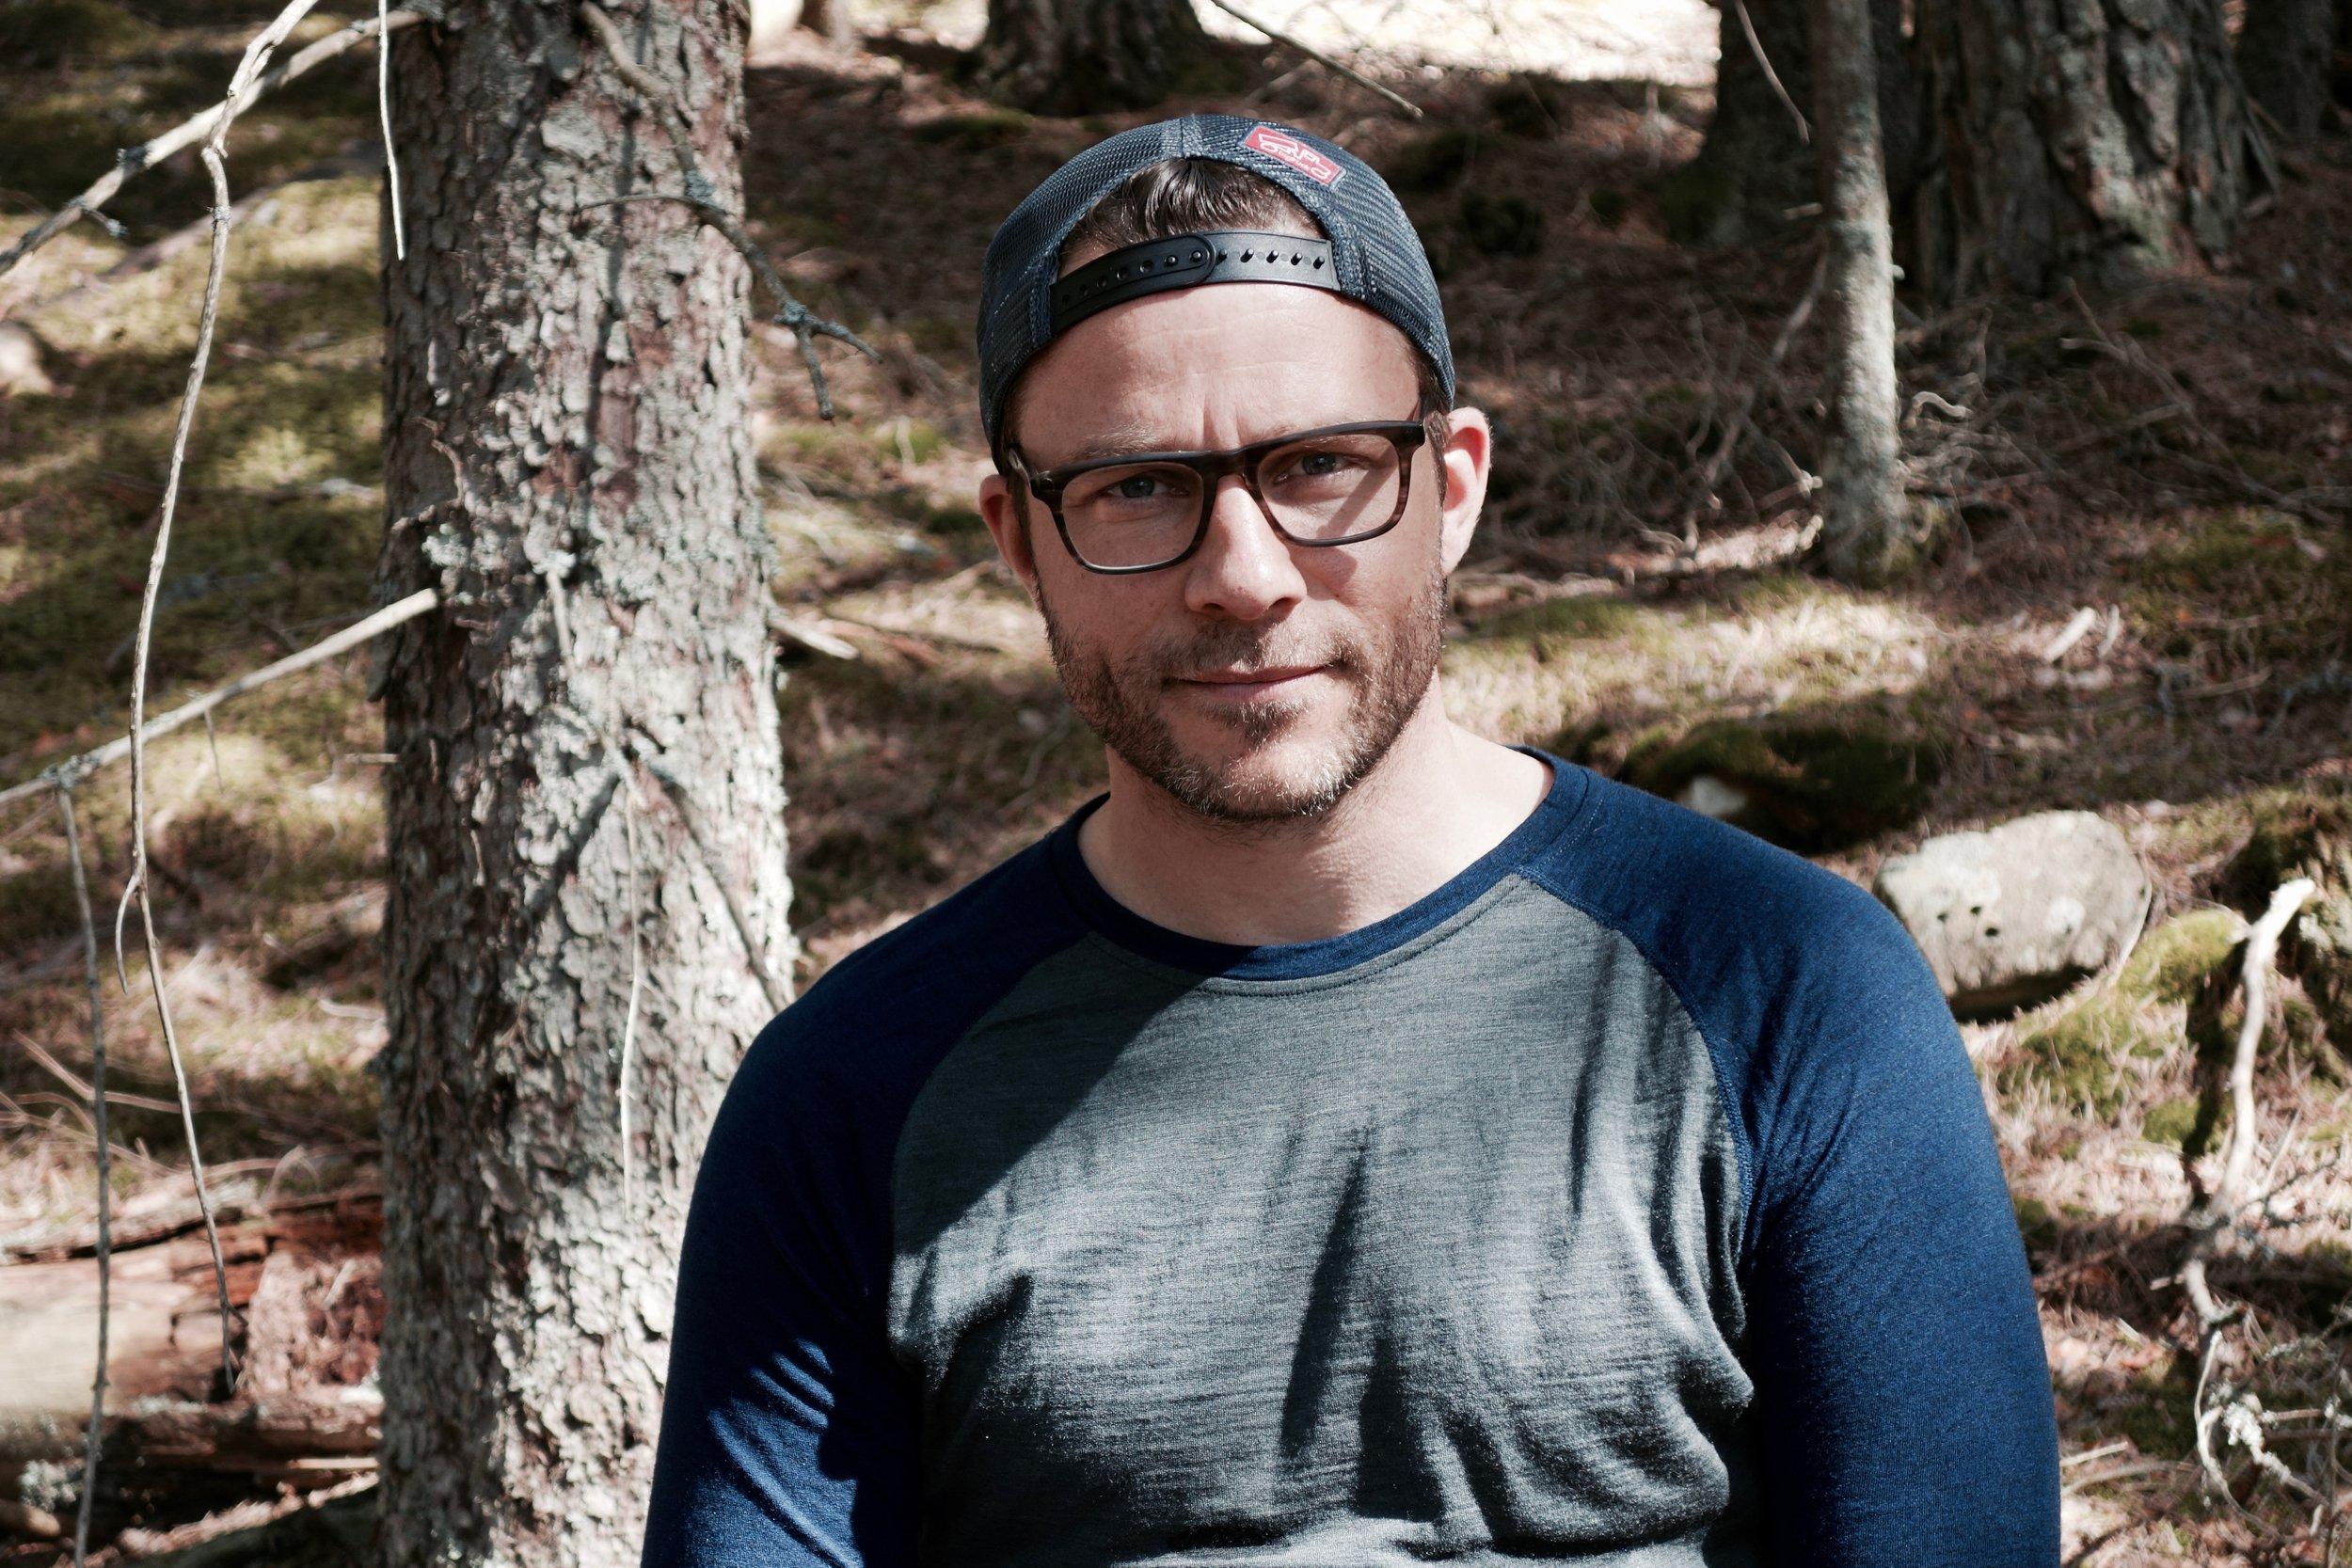 Klaus Søe Rylov - VP & Head of Commercial Management at YouSee TV & Bredbånd  Tel: 29 83 74 74  Mail: klsr@yousee.dk  Website: www.yousee.dk